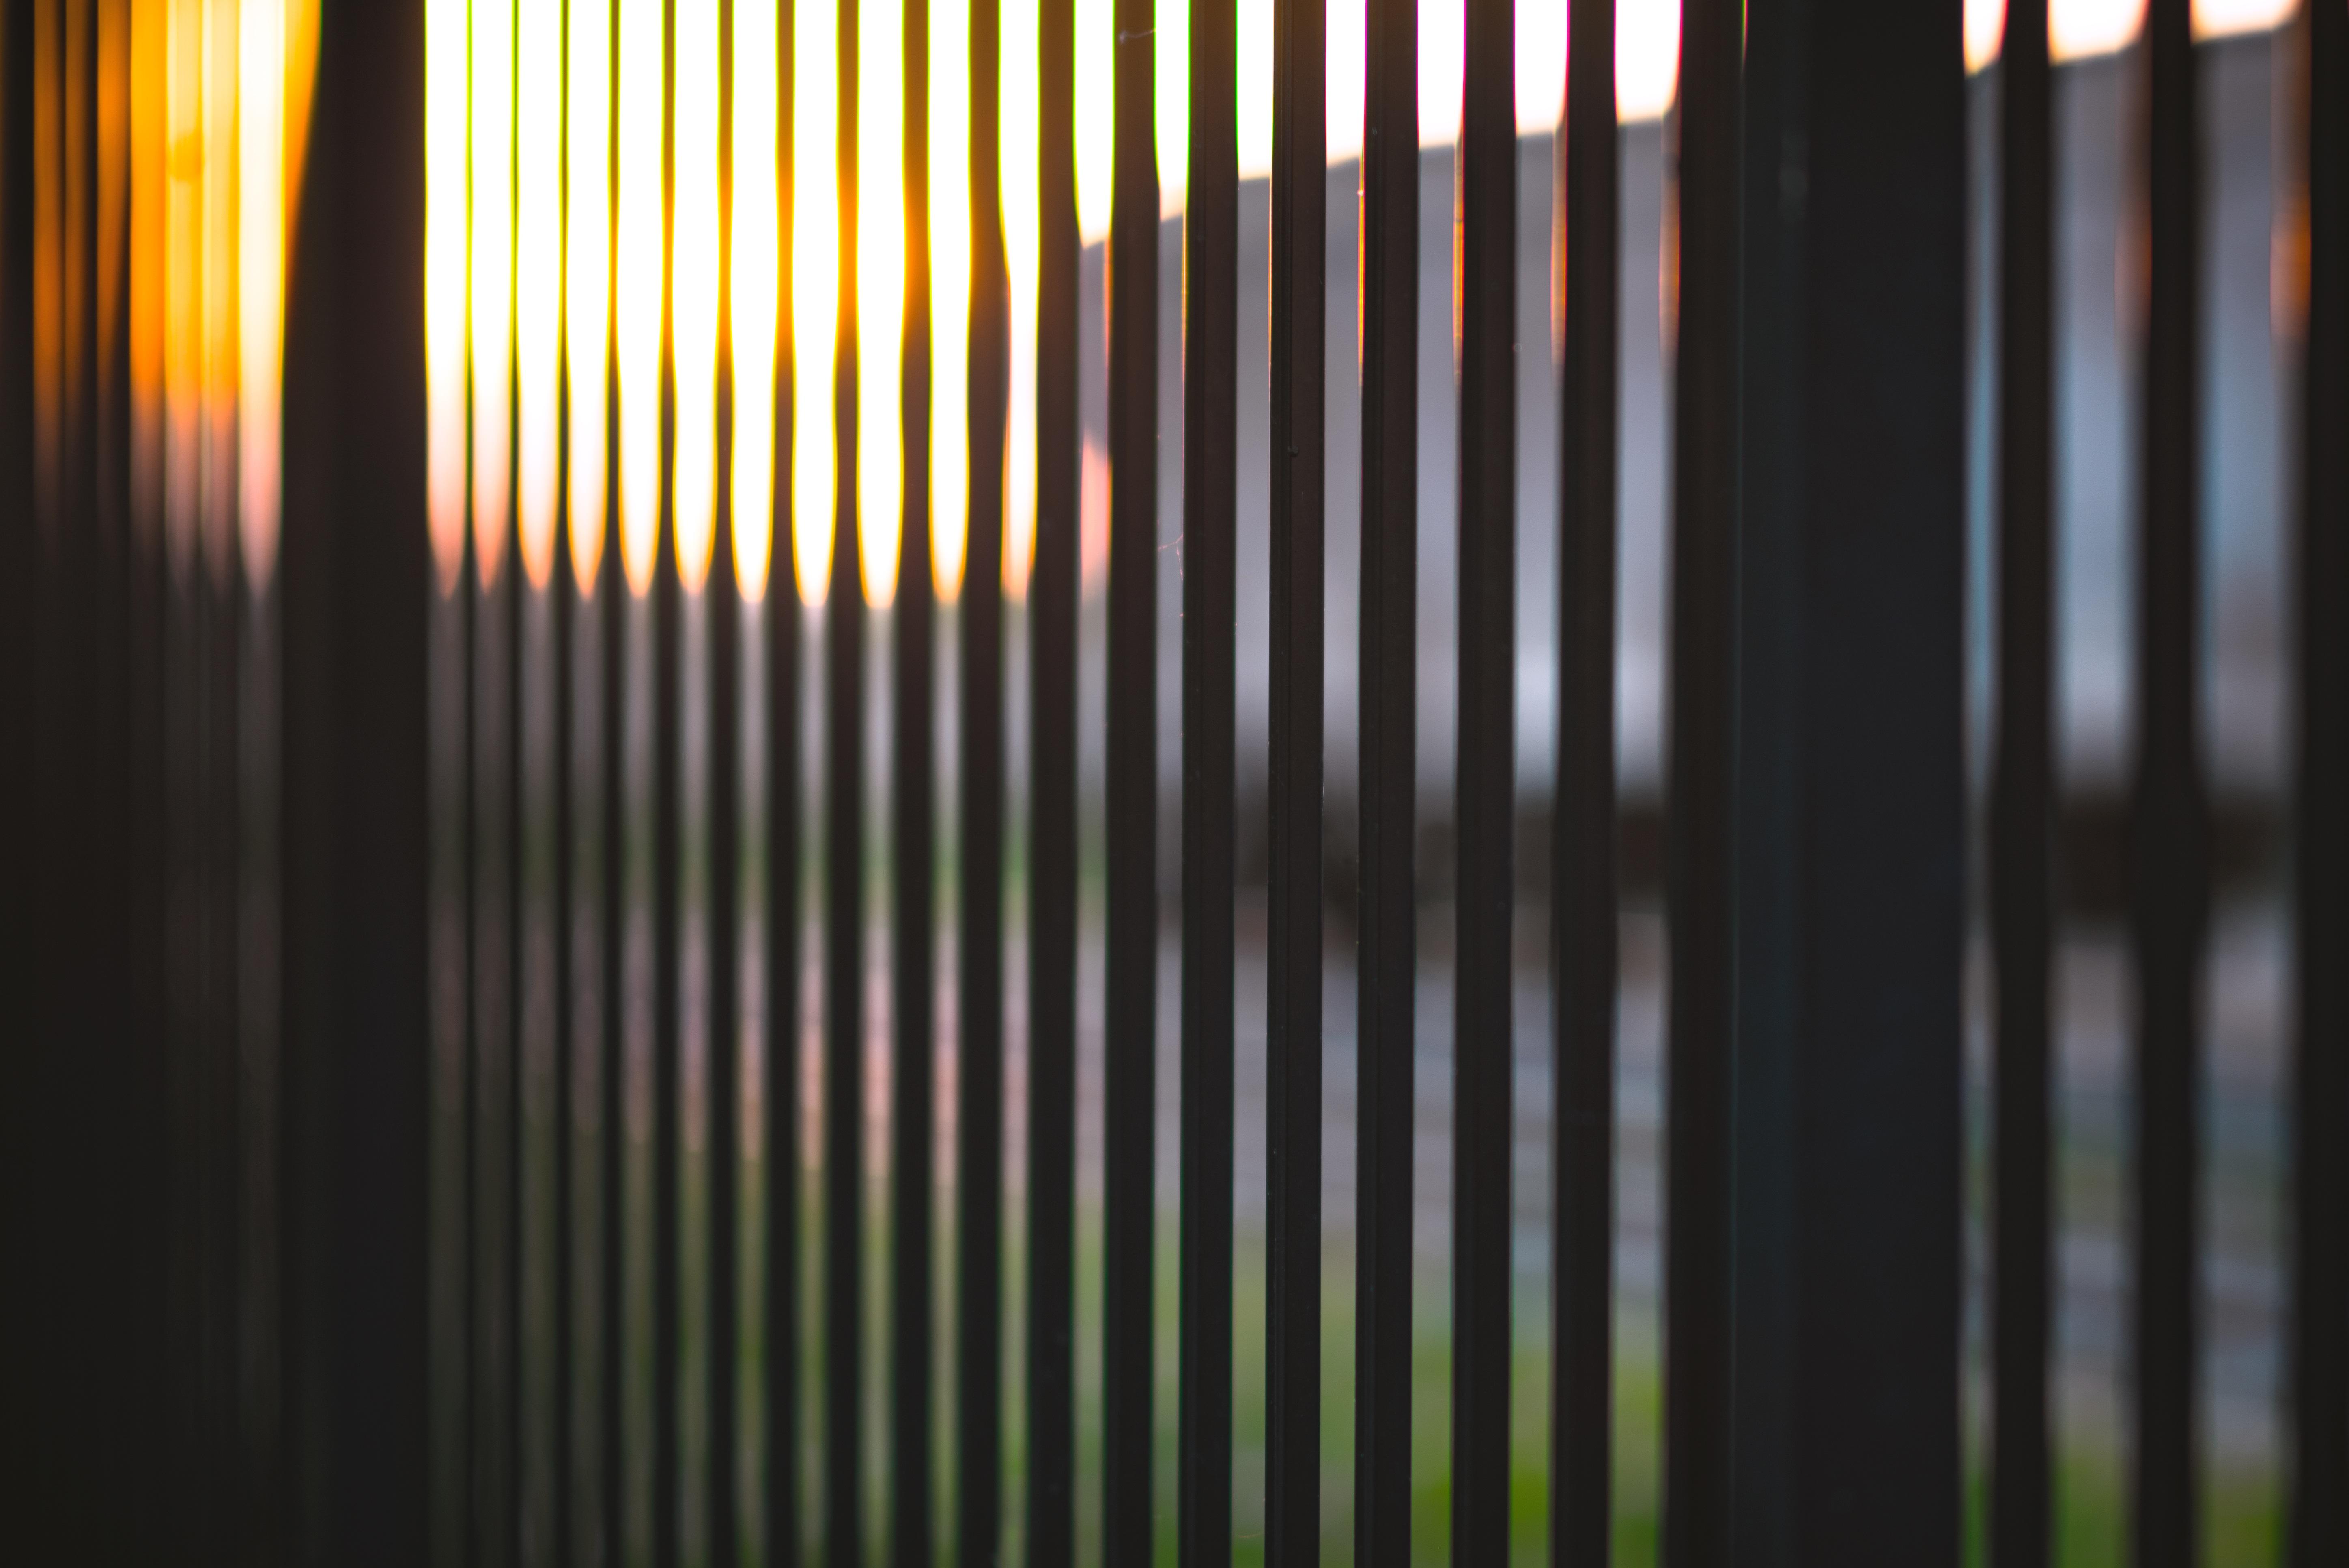 무료 이미지 : 햇빛, 선, 커튼, 조명, 인테리어 디자인, 대칭 ...